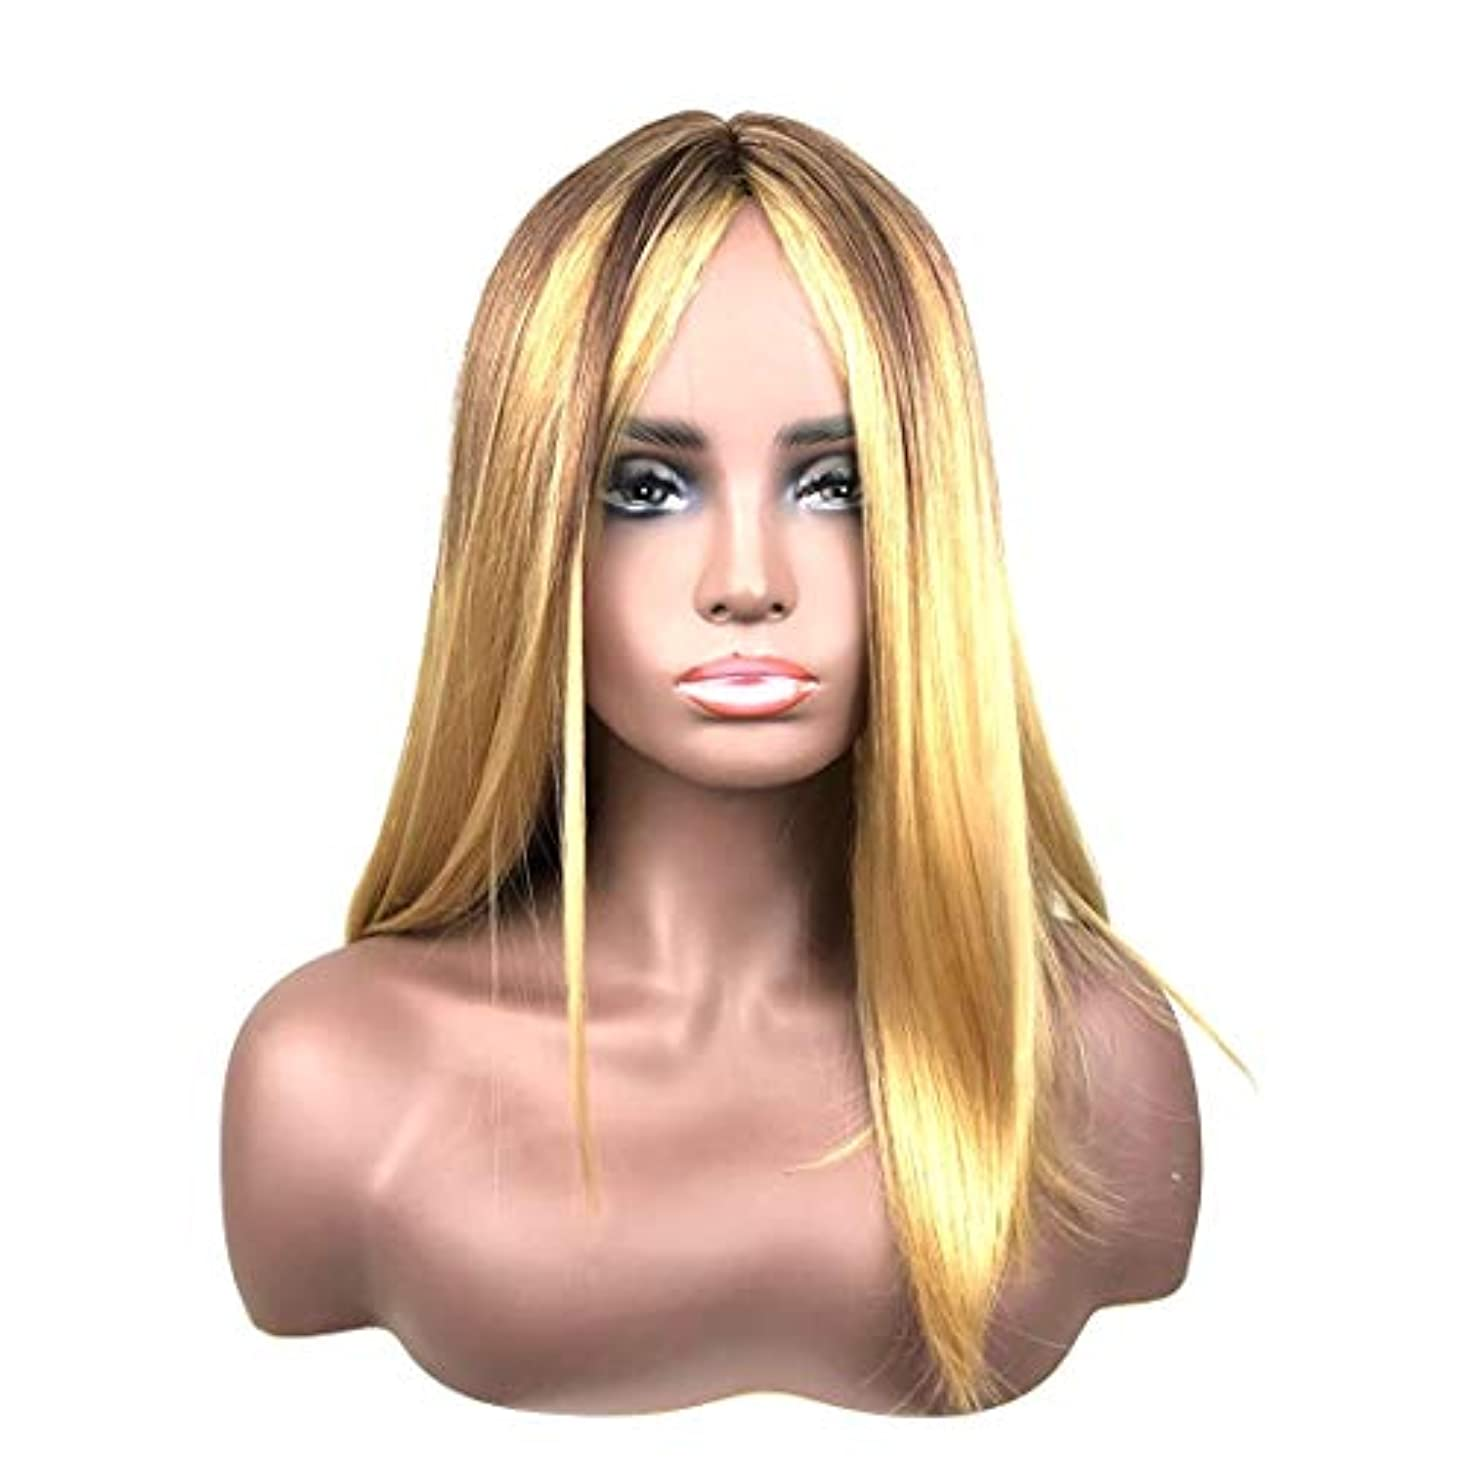 途方もない魅力的であることへのアピール大使Kerwinner 前髪合成耐熱性女性のヘアスタイルと短いふわふわボブ変態ストレートヘアウィッグ